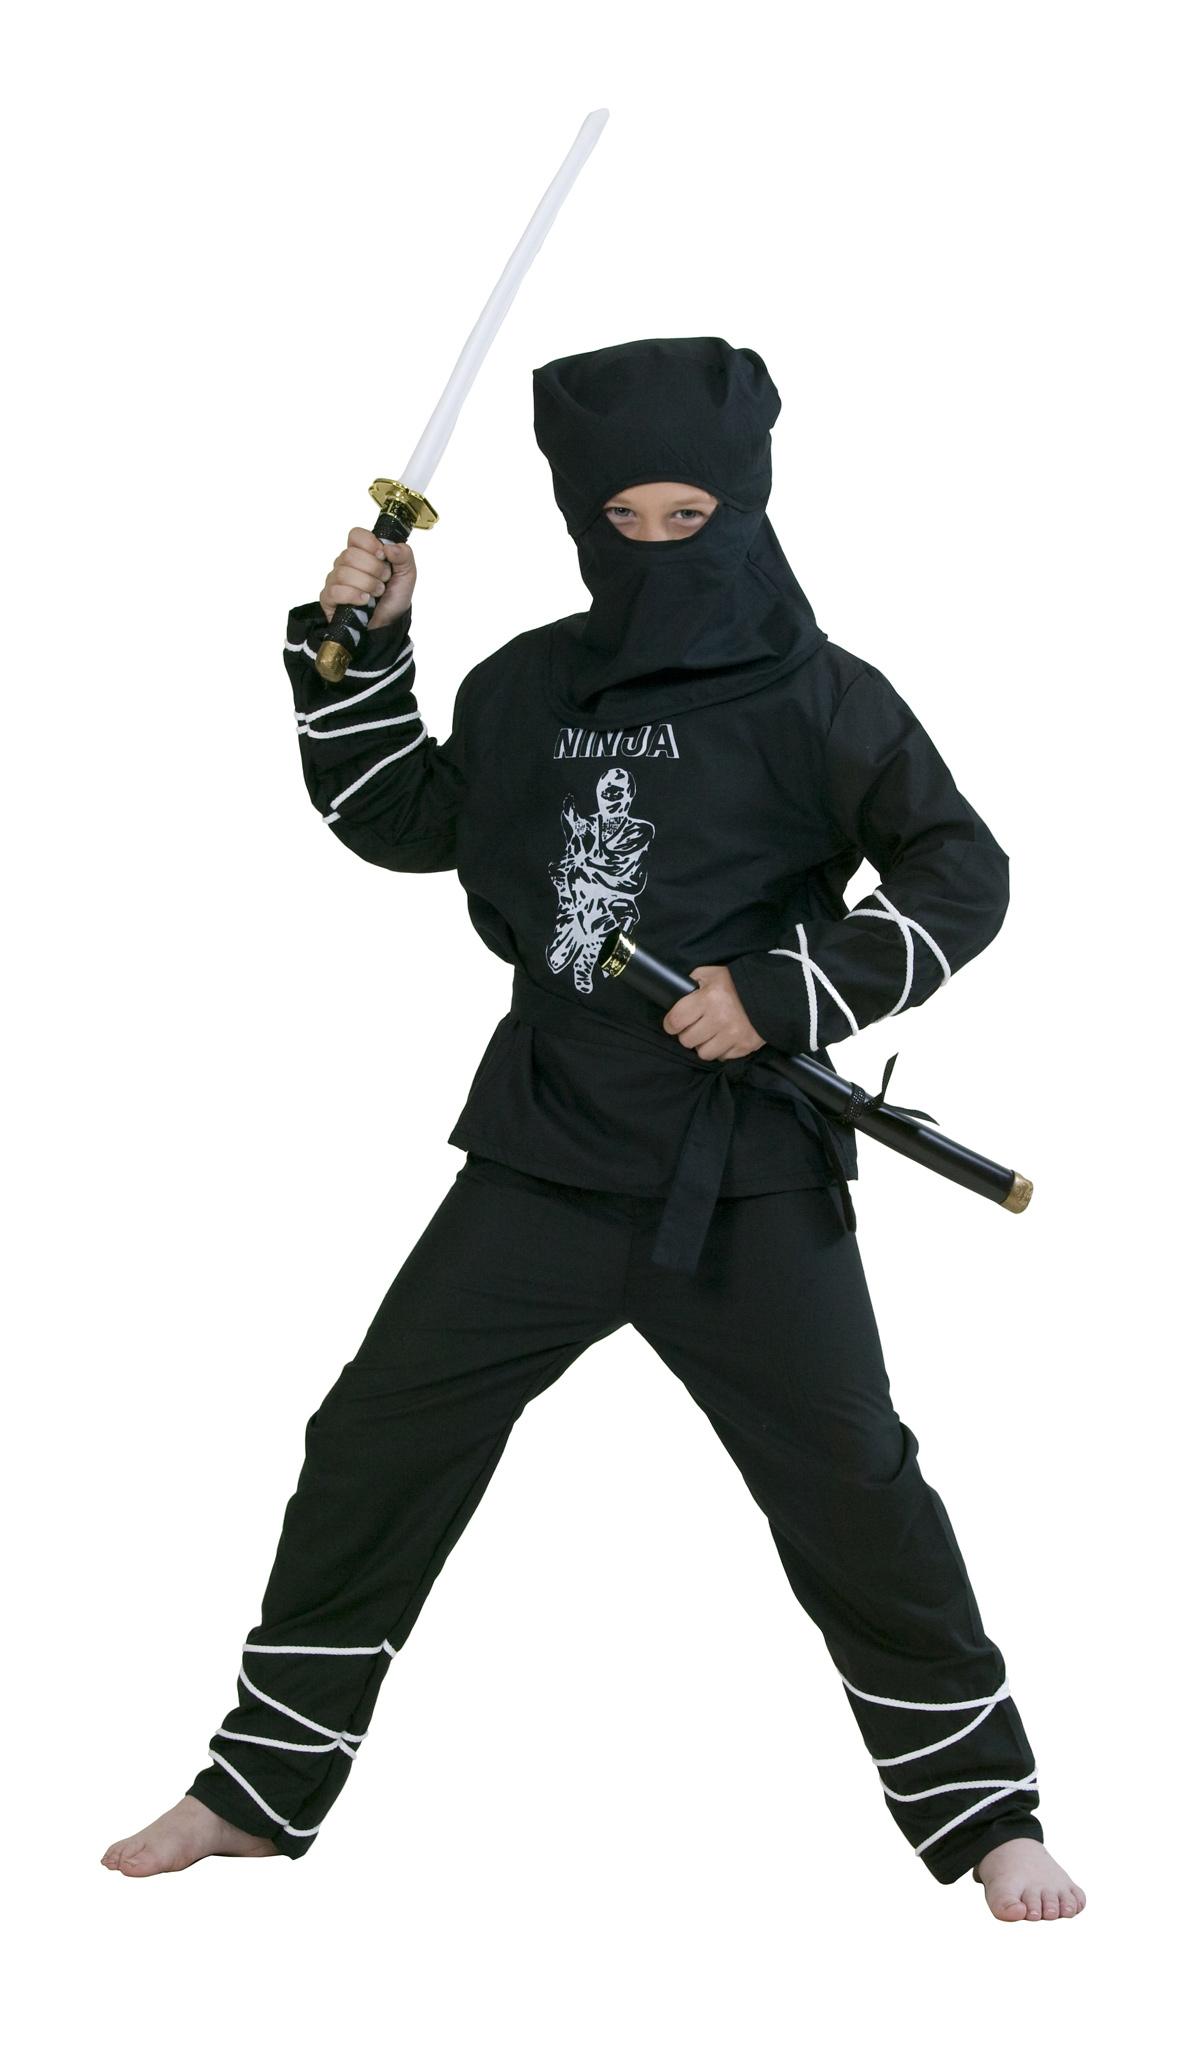 ninja kost m f r kinder bei. Black Bedroom Furniture Sets. Home Design Ideas